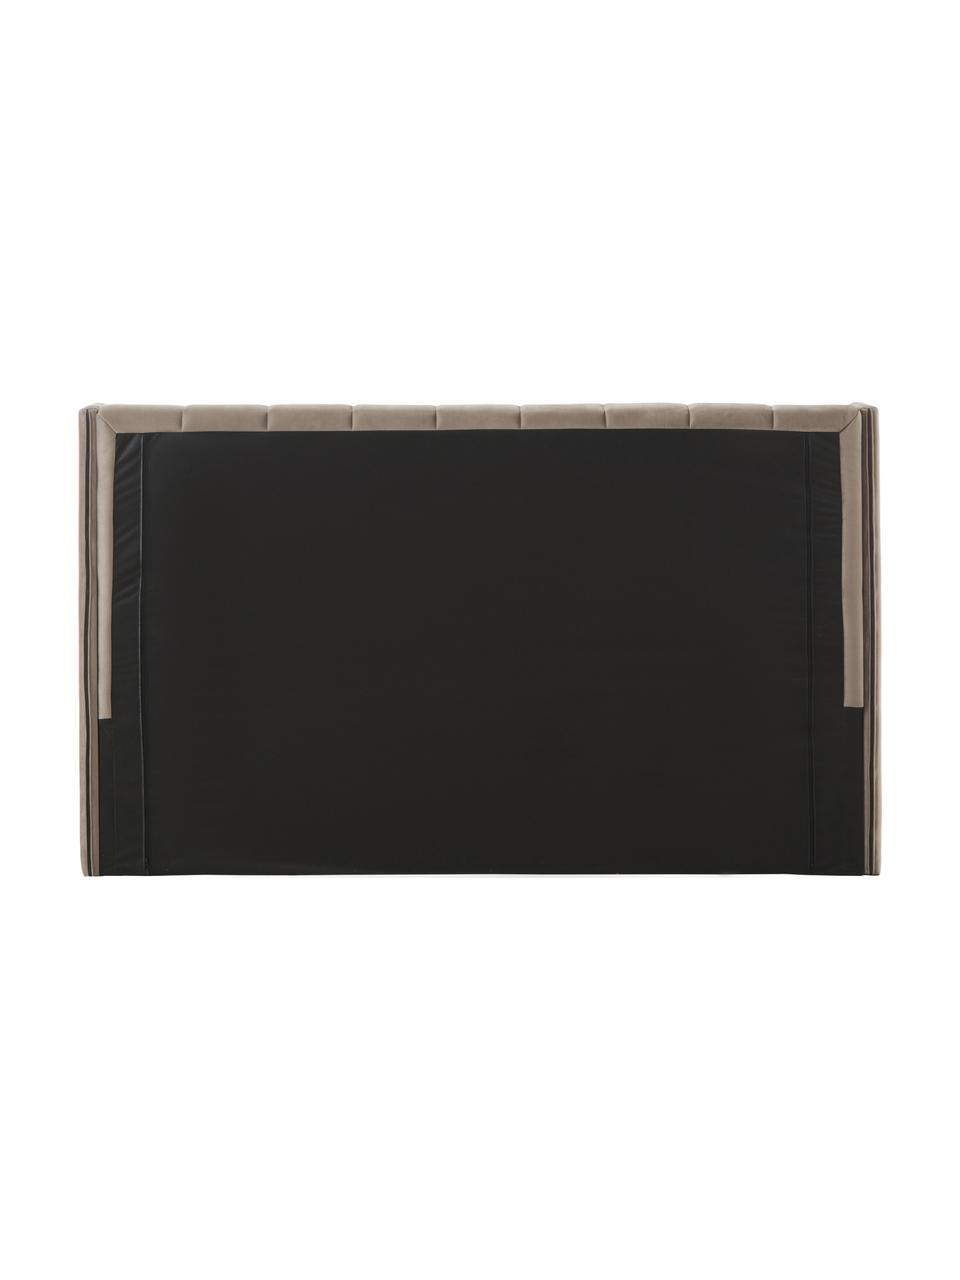 Gestoffeerd fluwelen bed Dusk in bruin, Frame: massief grenenhout en pla, Bekleding: polyester fluweel, 290 g/, Poten: gepoedercoat metaal, Bruin, 200 x 200 cm